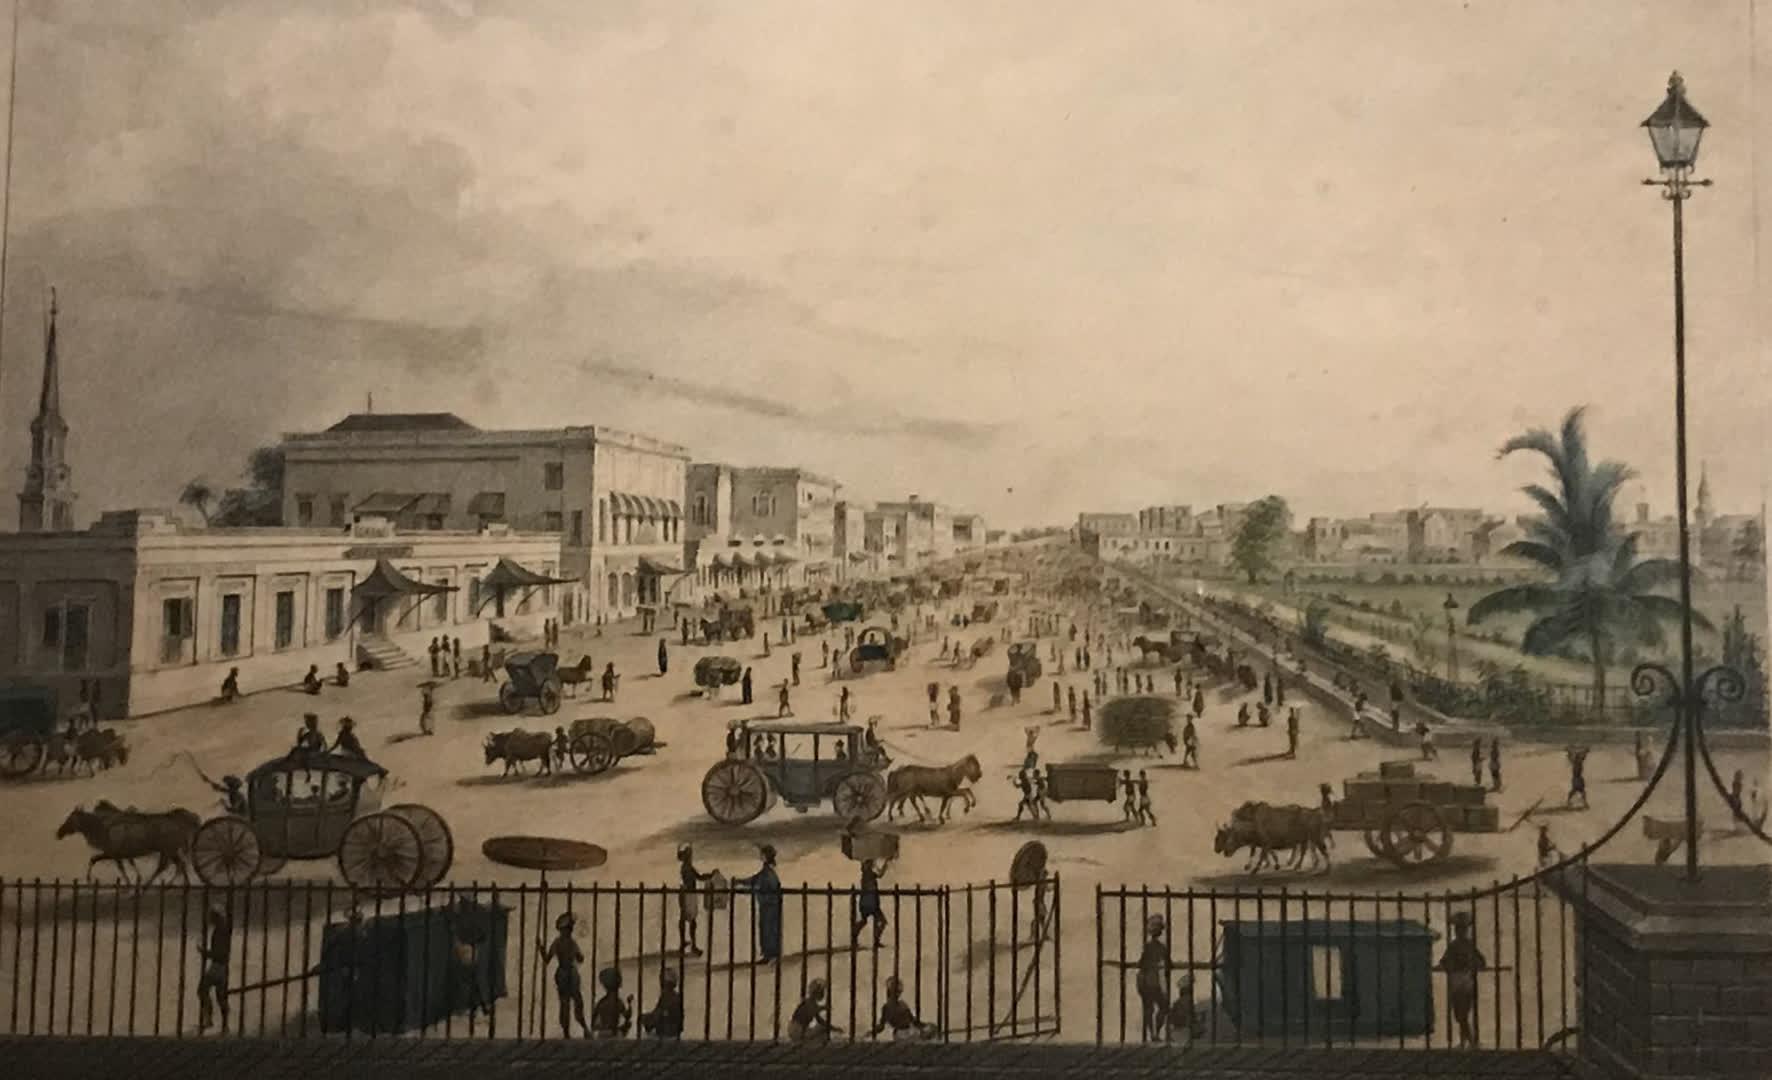 'Fun & Games' in Old Calcutta